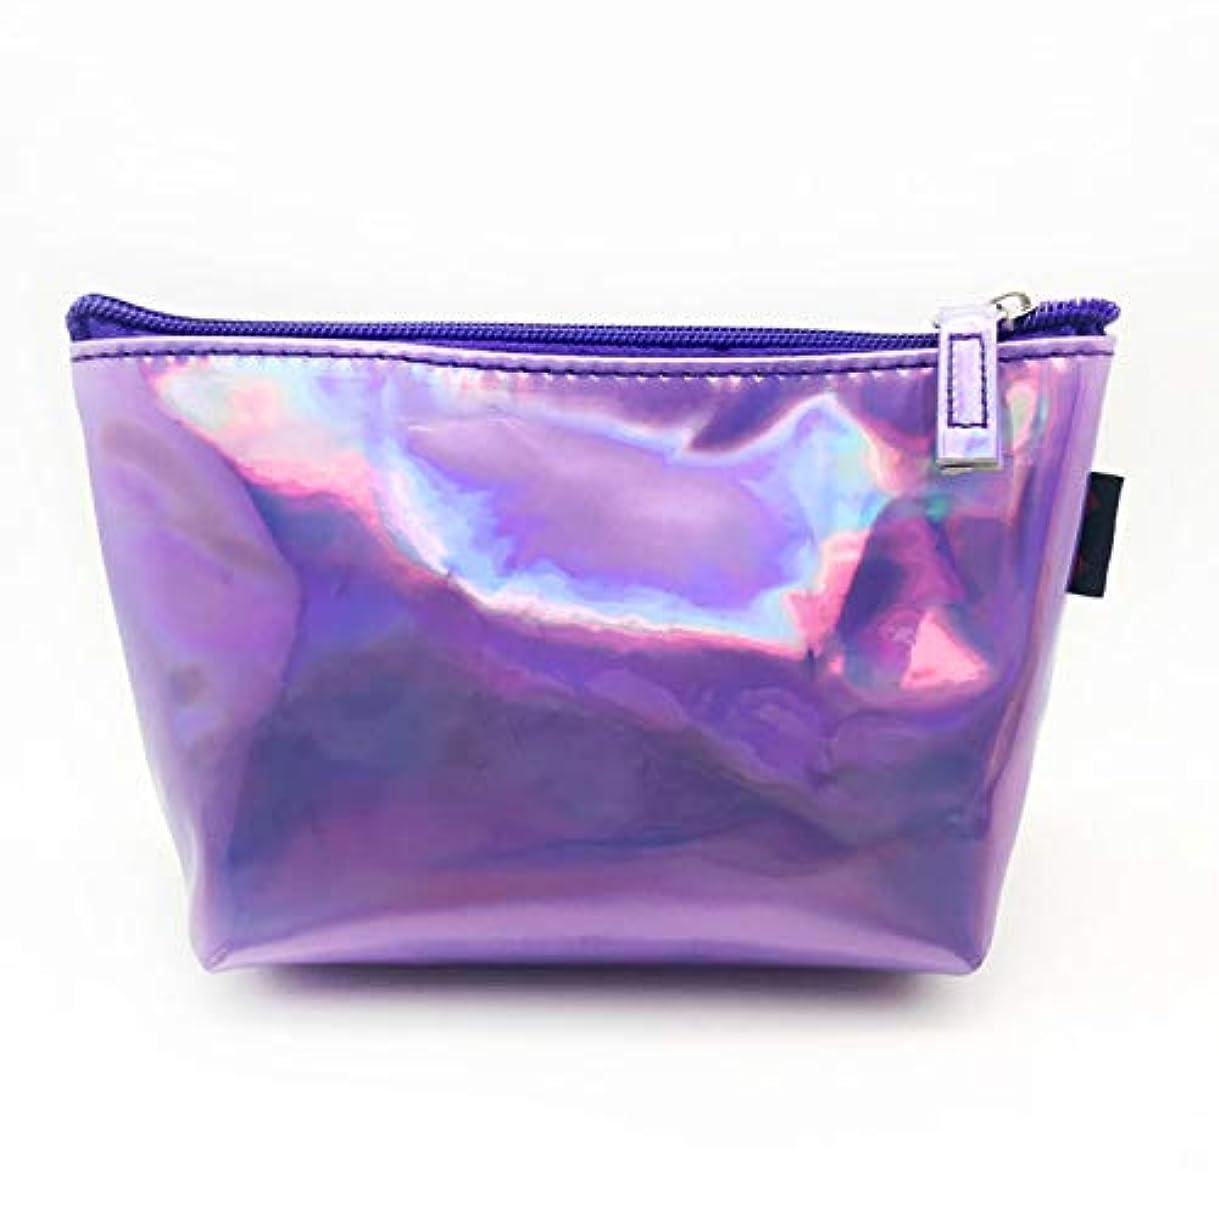 道路ズボン風変わりなtiwayer 驚くべき新リーフ小レーザーメイクアップポータブル旅行バッグ化粧品女性`時折革バッグメイクアップポーチホログラフィックバッグプリティ(None purple)